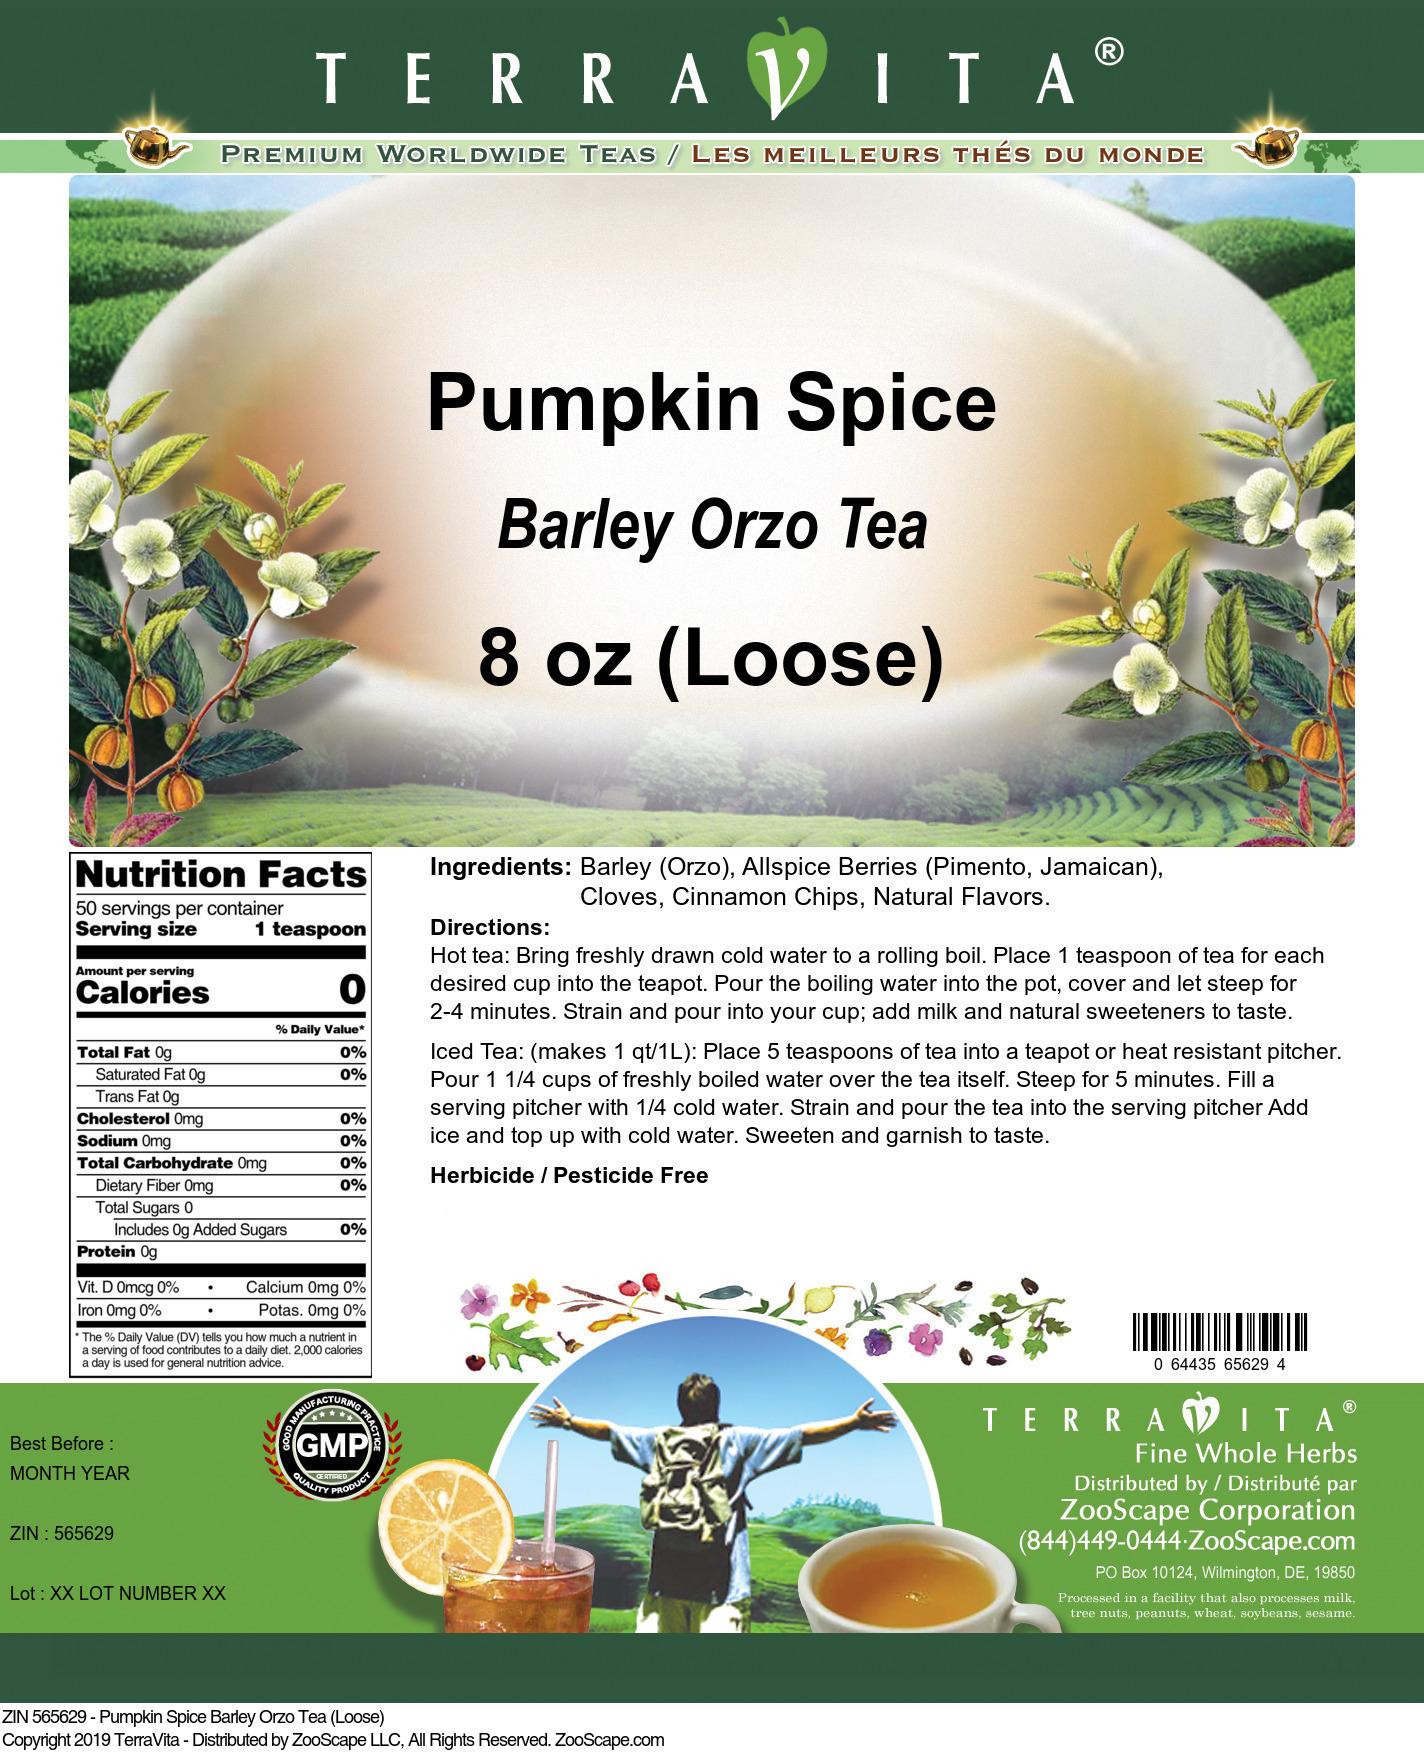 Pumpkin Spice Barley Orzo